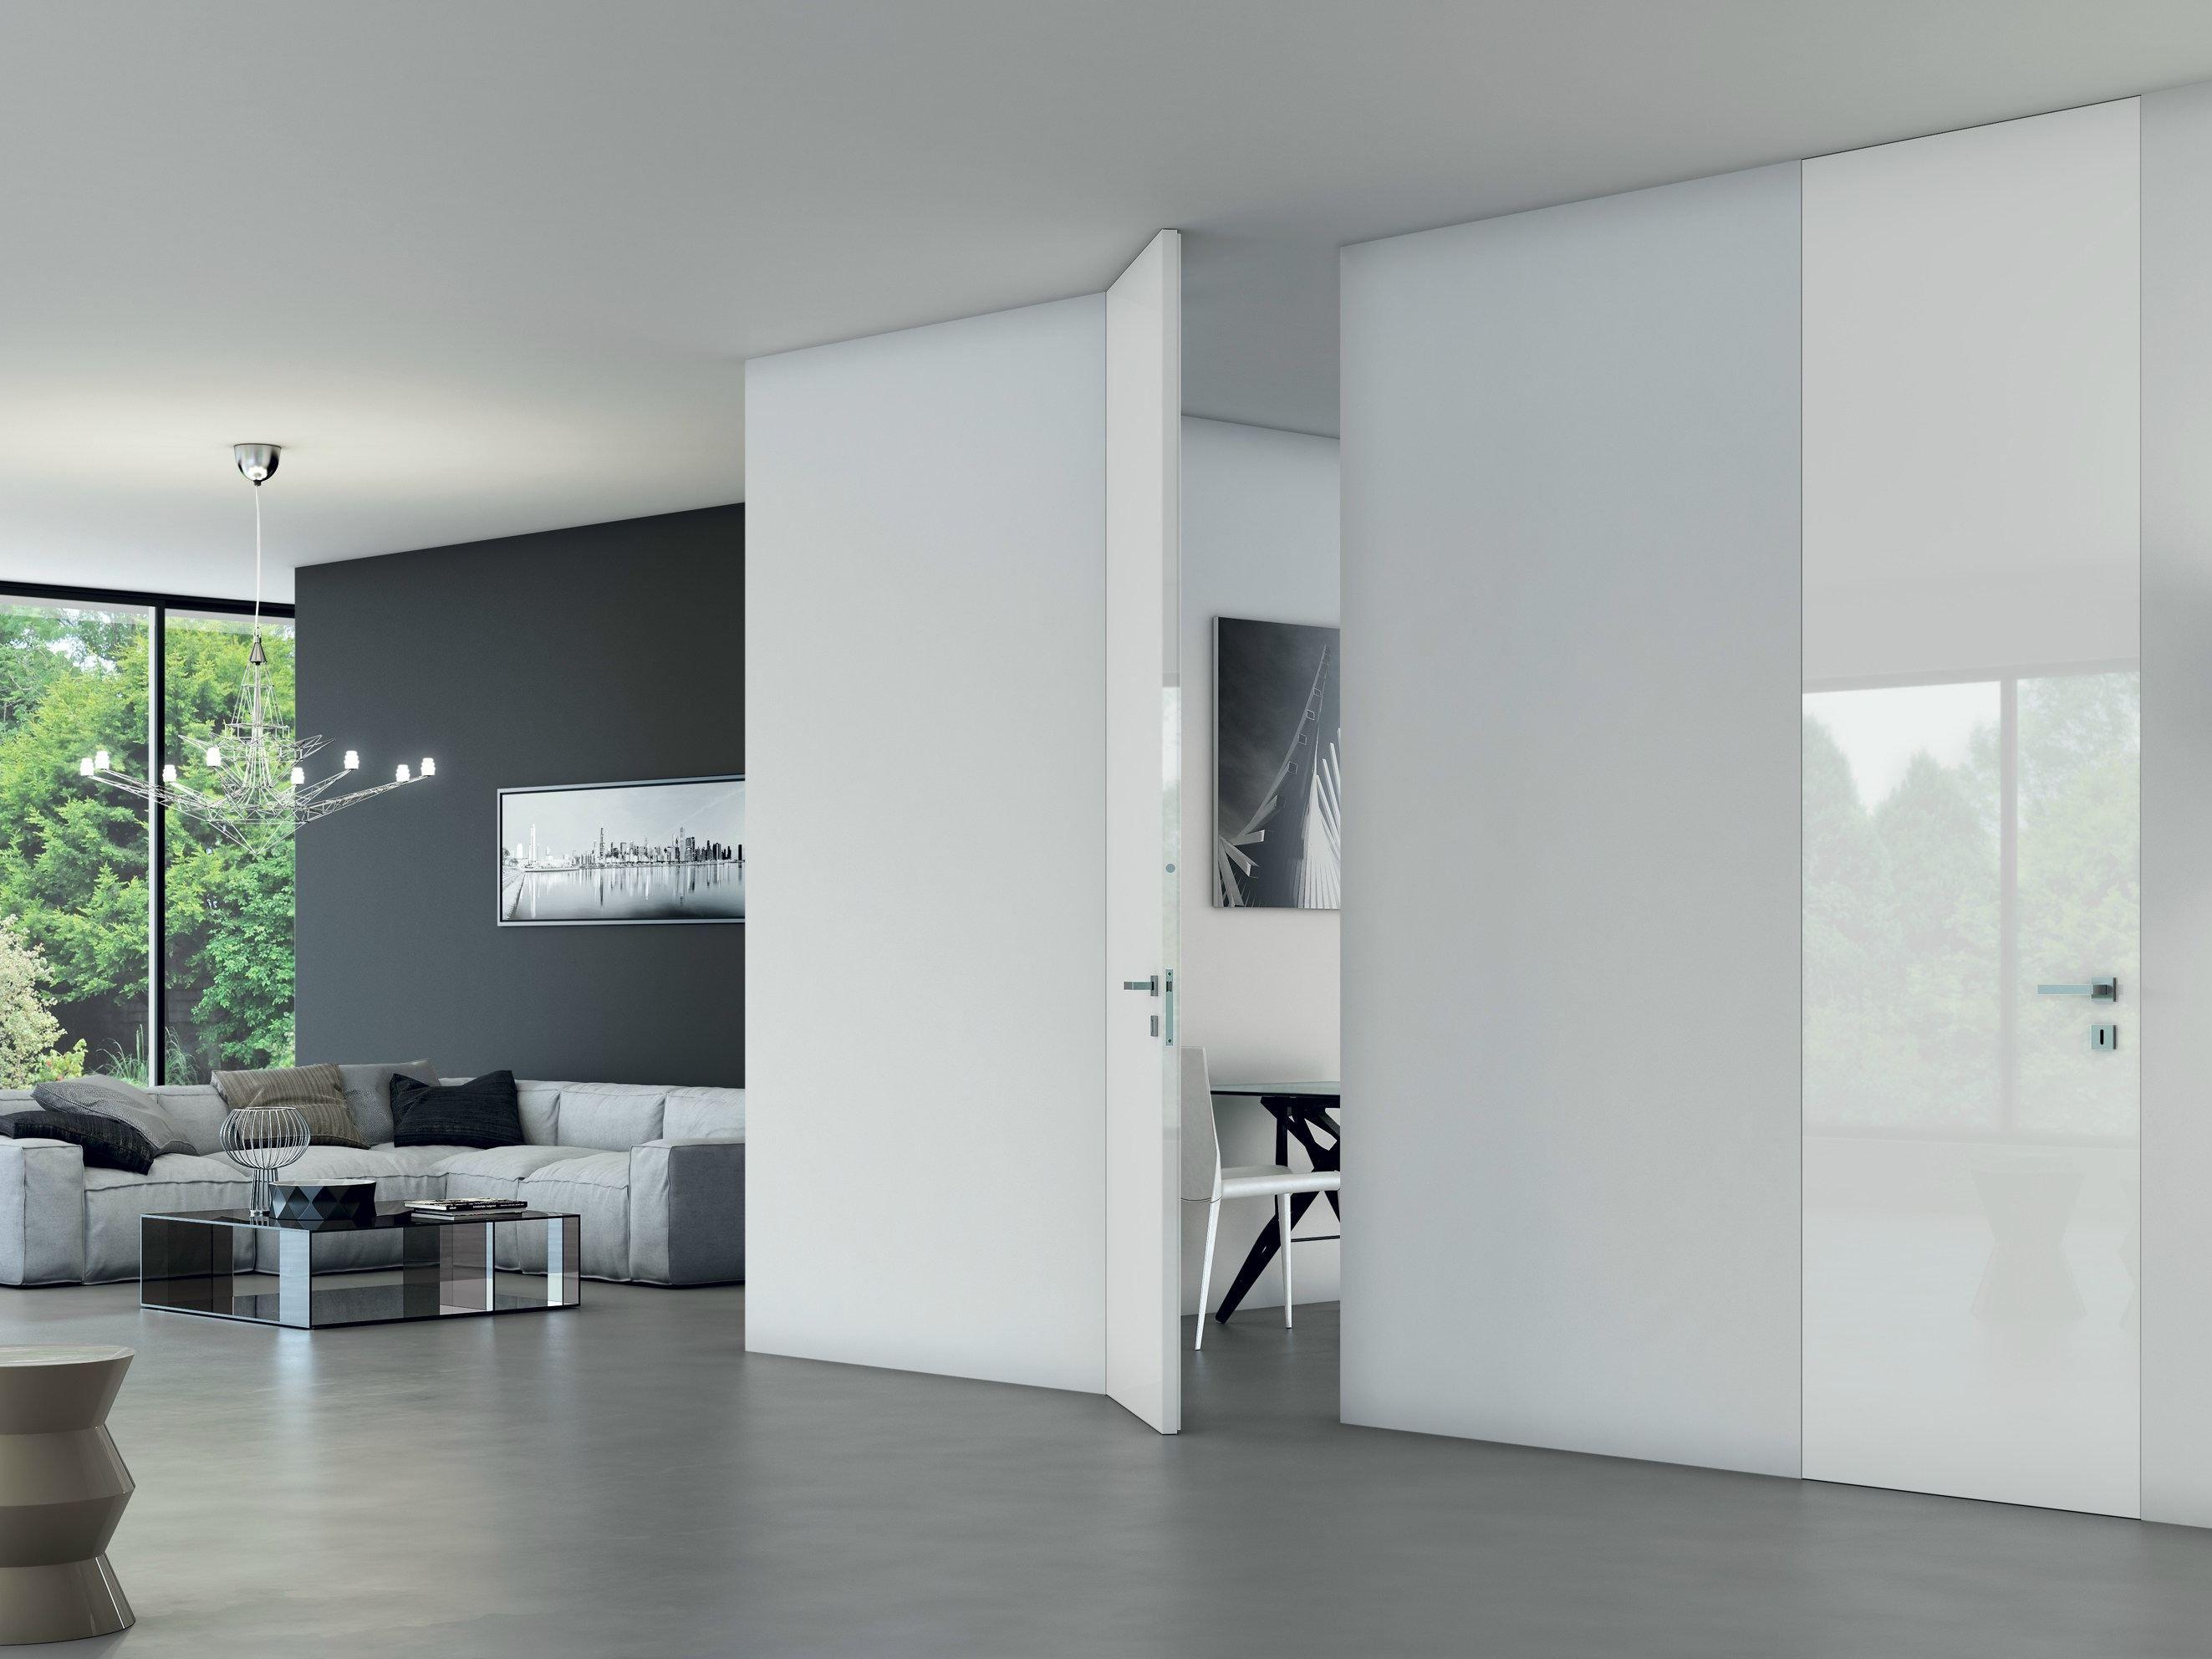 Porta a filo muro a tutt 39 altezza walldoor massima by - Porte gidea prezzi ...